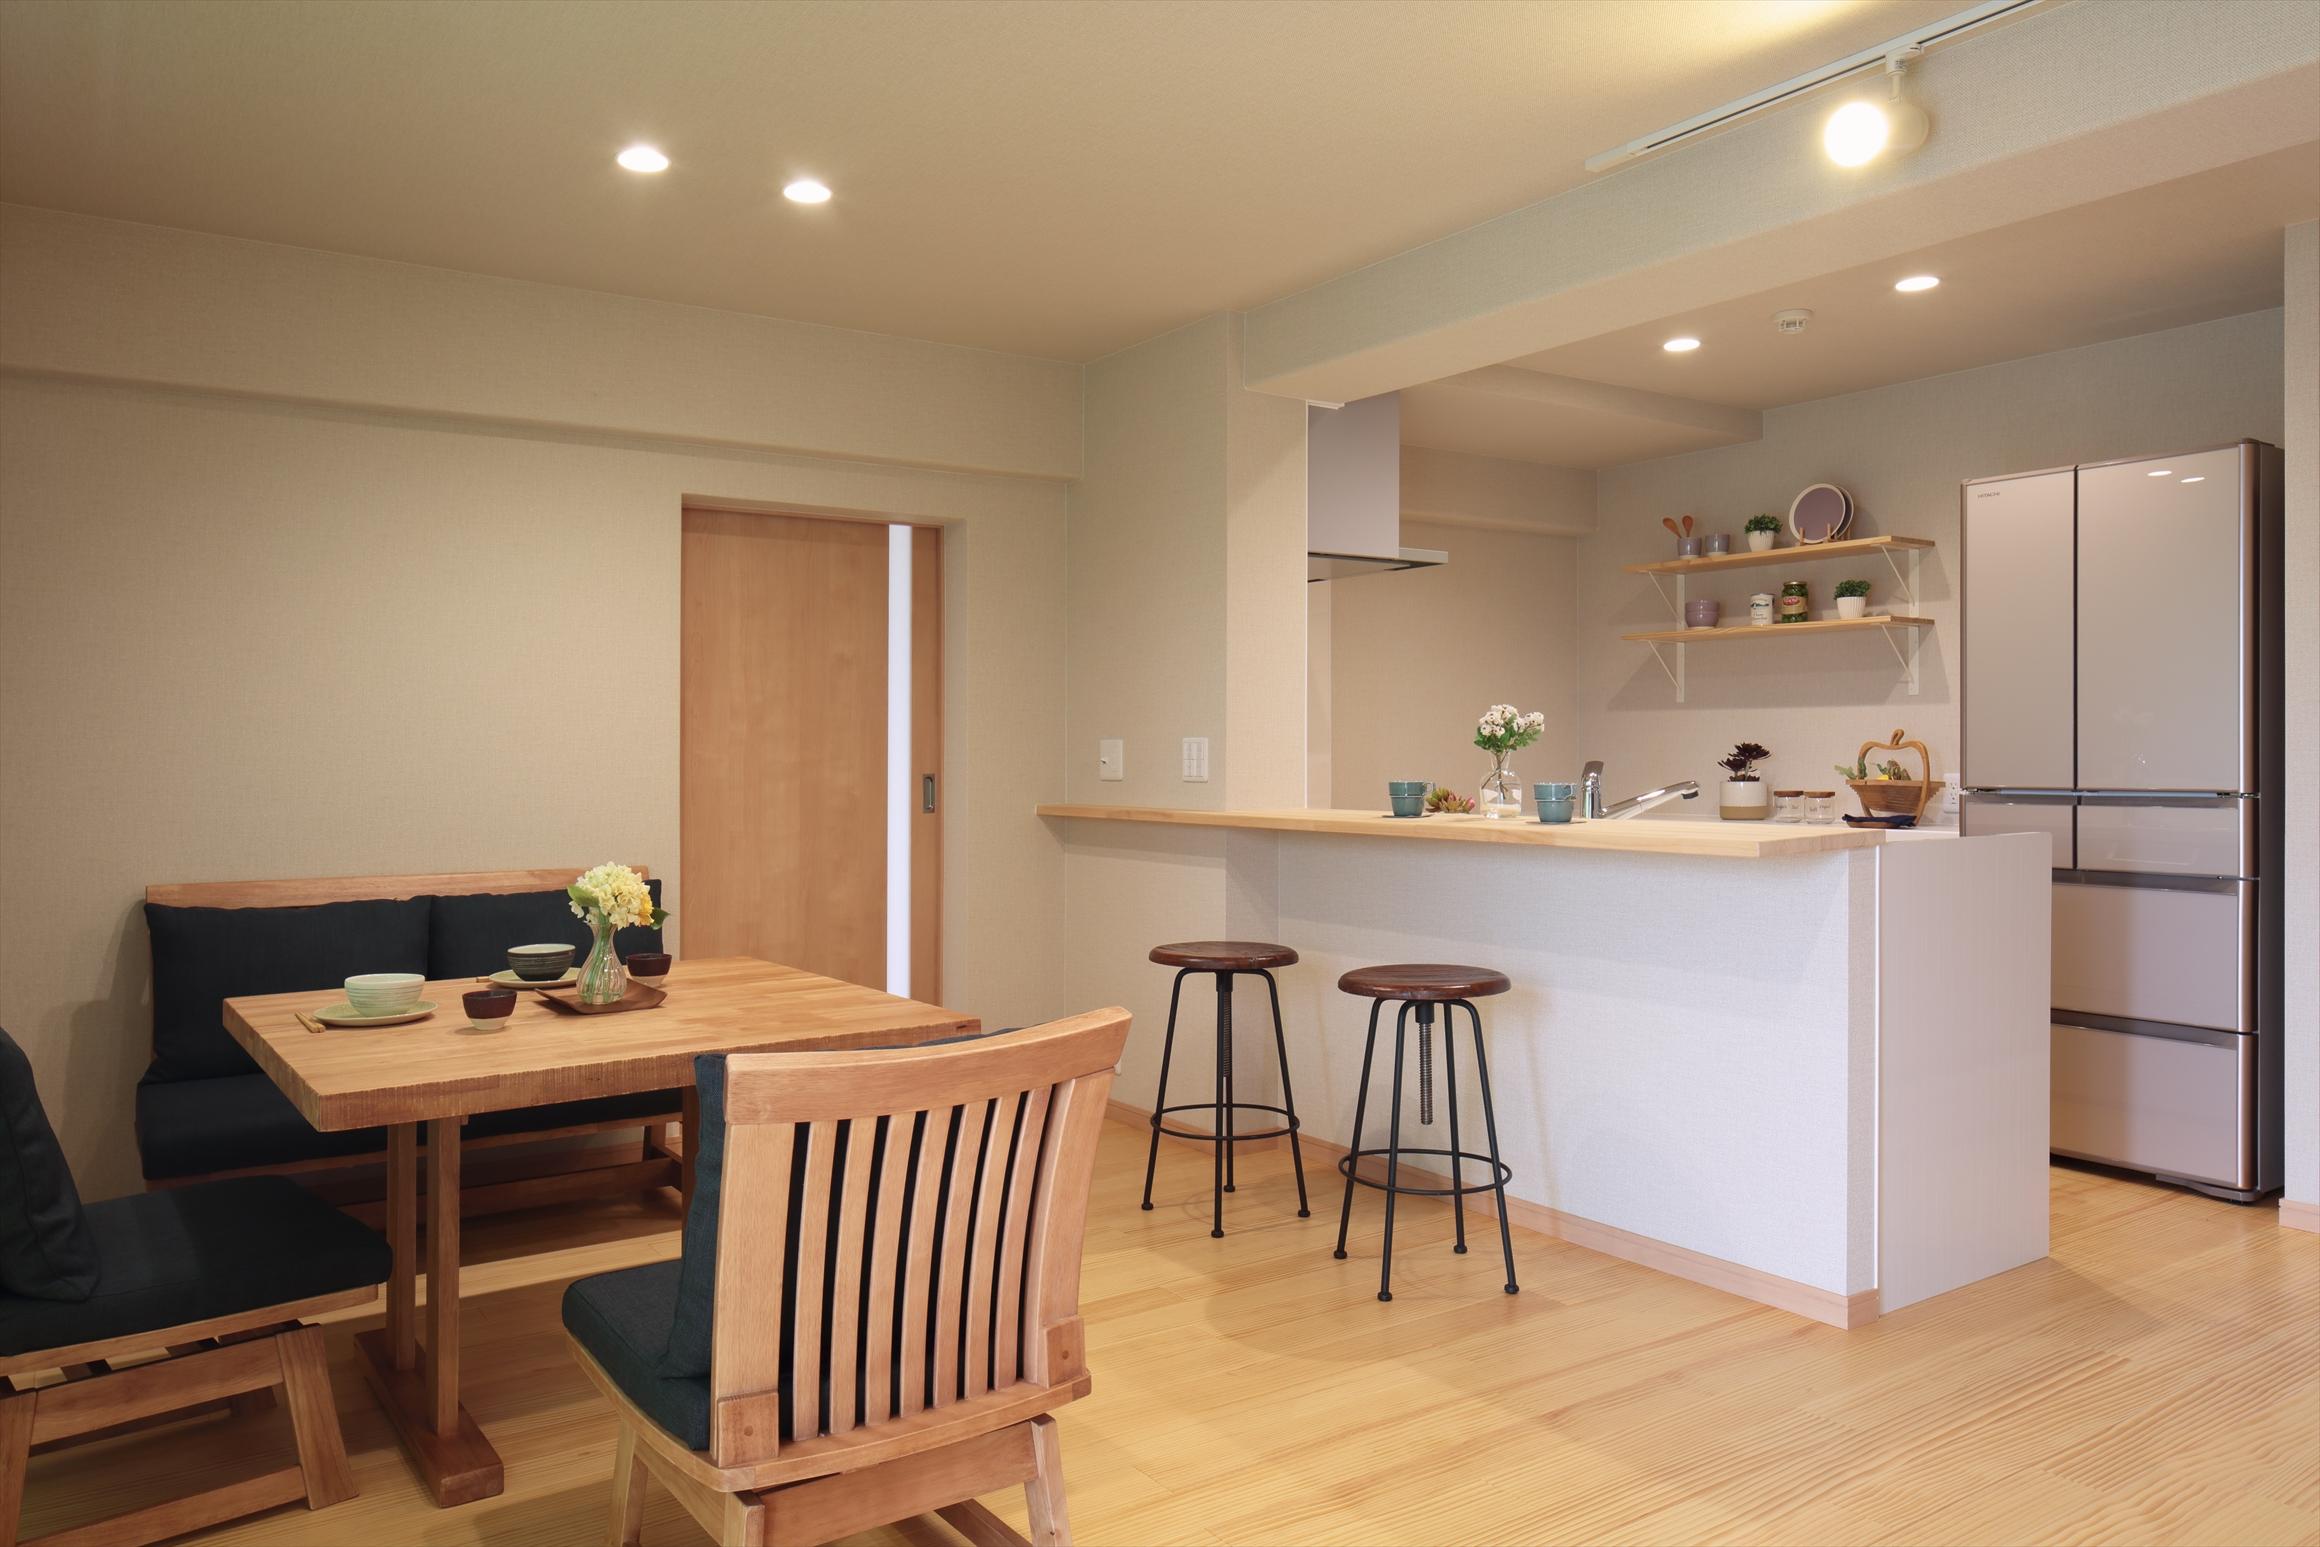 三友工務店のリフォーム・リノベーション事例 熊本市東区K様邸